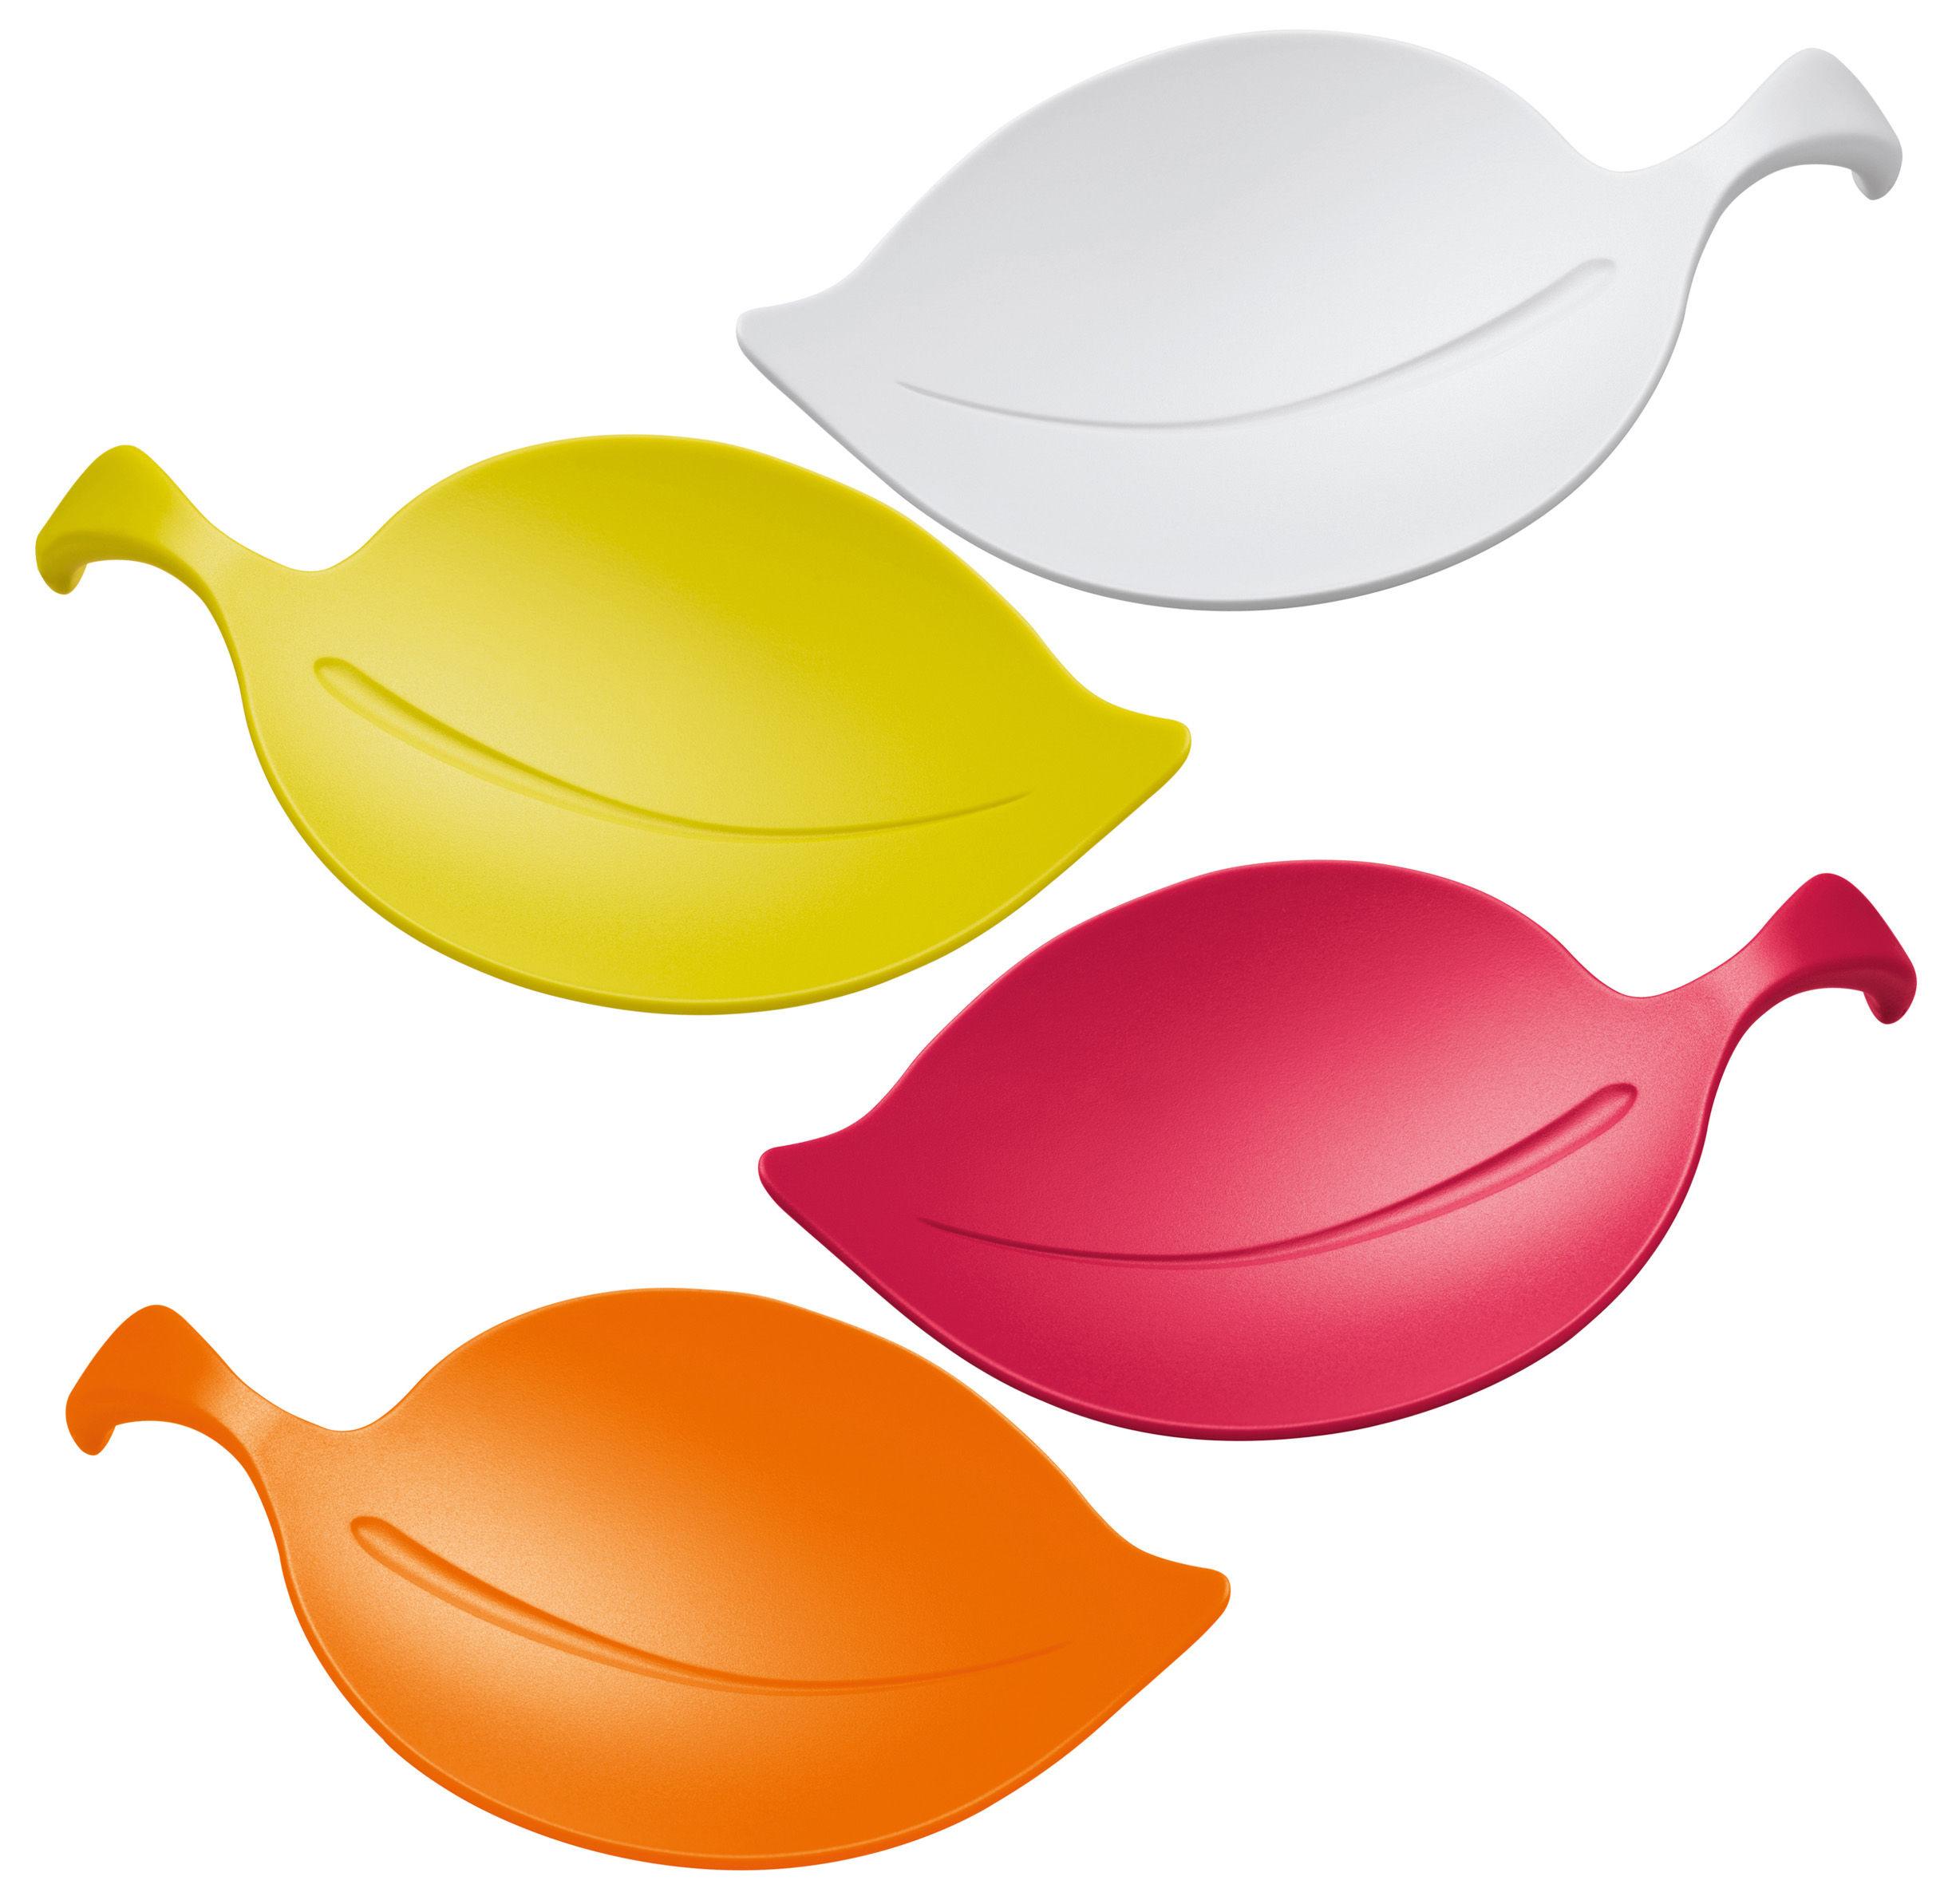 Arts de la table - Saladiers, coupes et bols - Coupelle Leaf-on /Set de 4 - Koziol - Blanc / Vert moutarde / Rouge framboise / Orange - Plastique